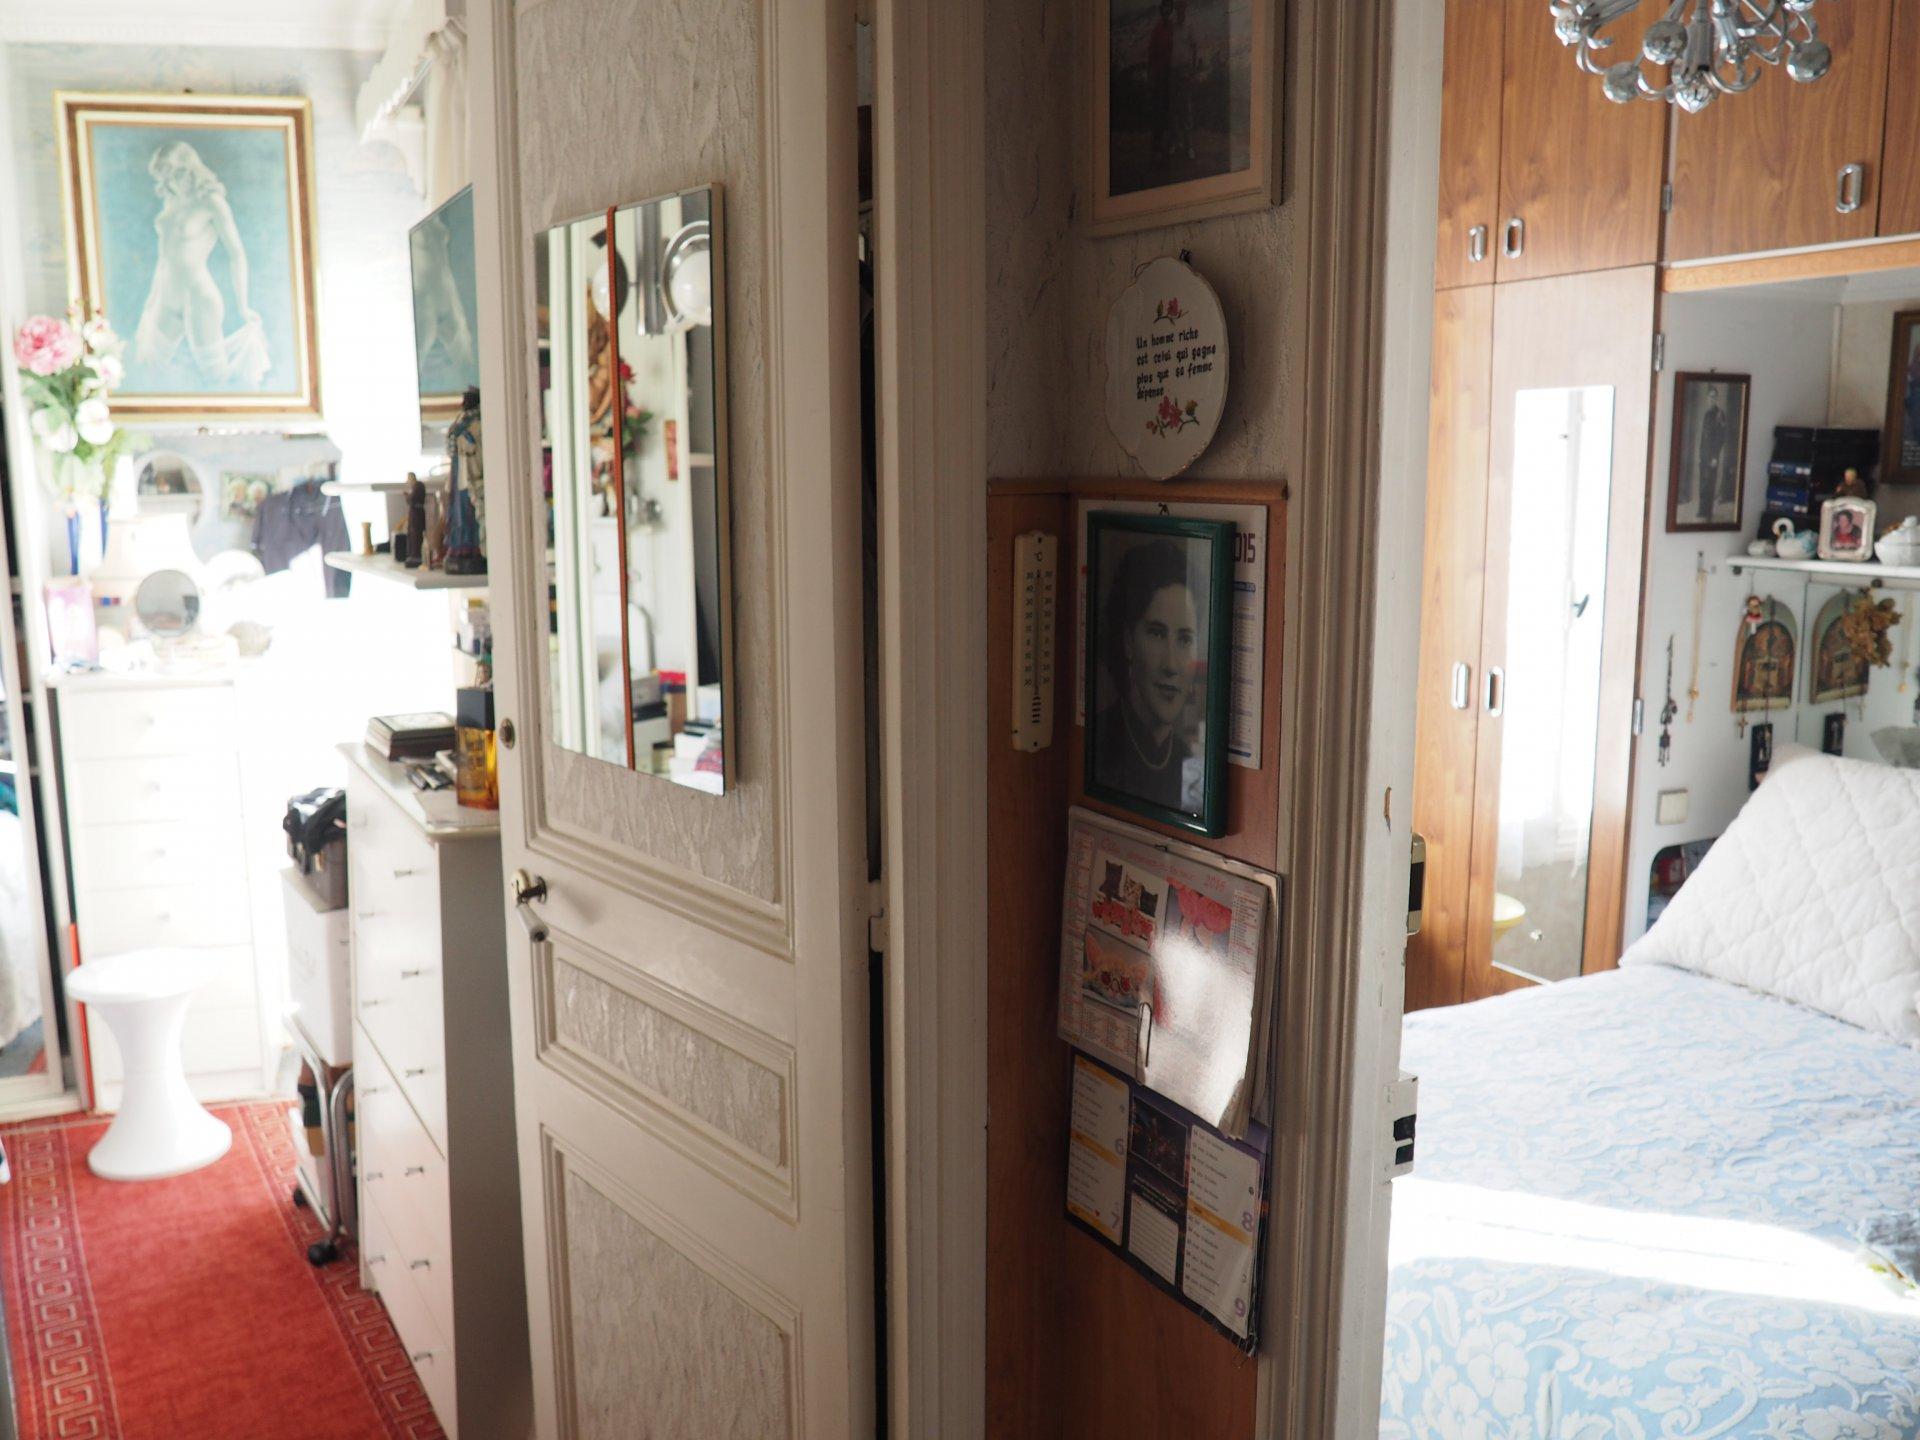 Life annuity House - Nice Magnan